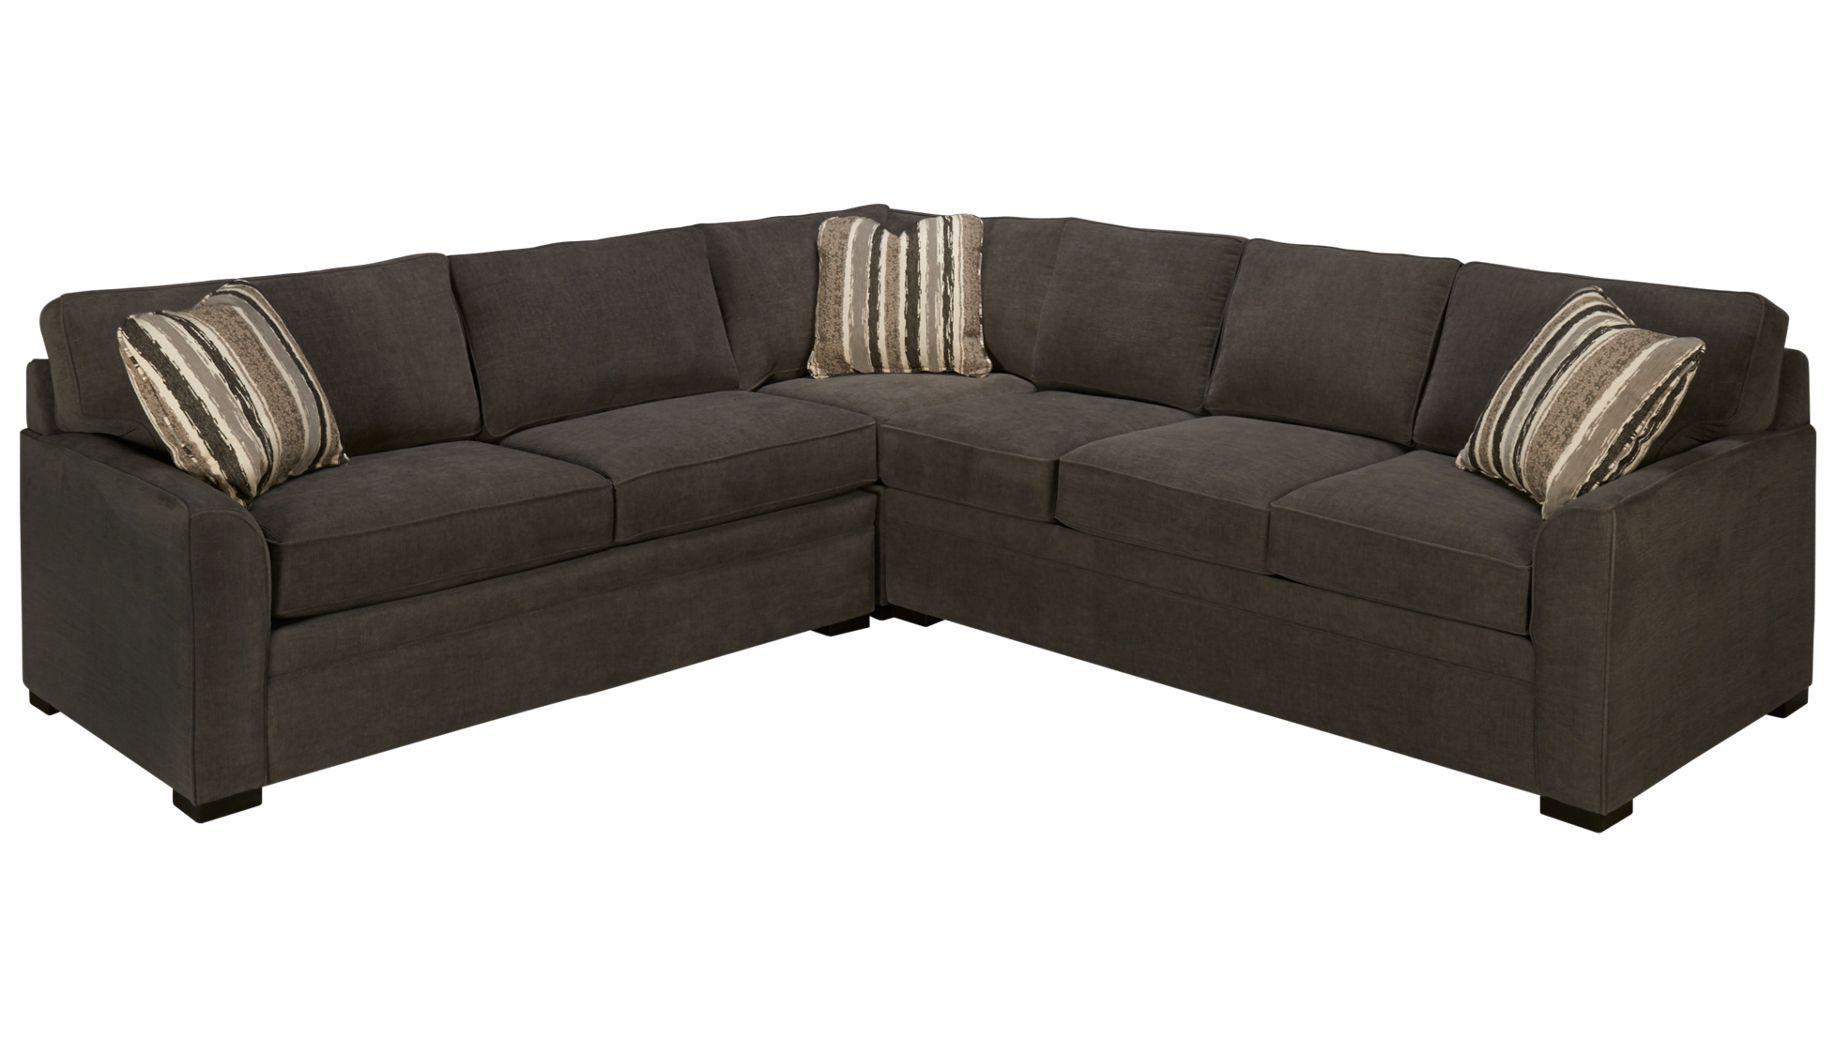 Jonathan Louis Sleepers Sleepers 3 Piece Sleeper Sectional Jordan S Furniture Sleeper Sectional Sectional Sectional Sleeper Sofa